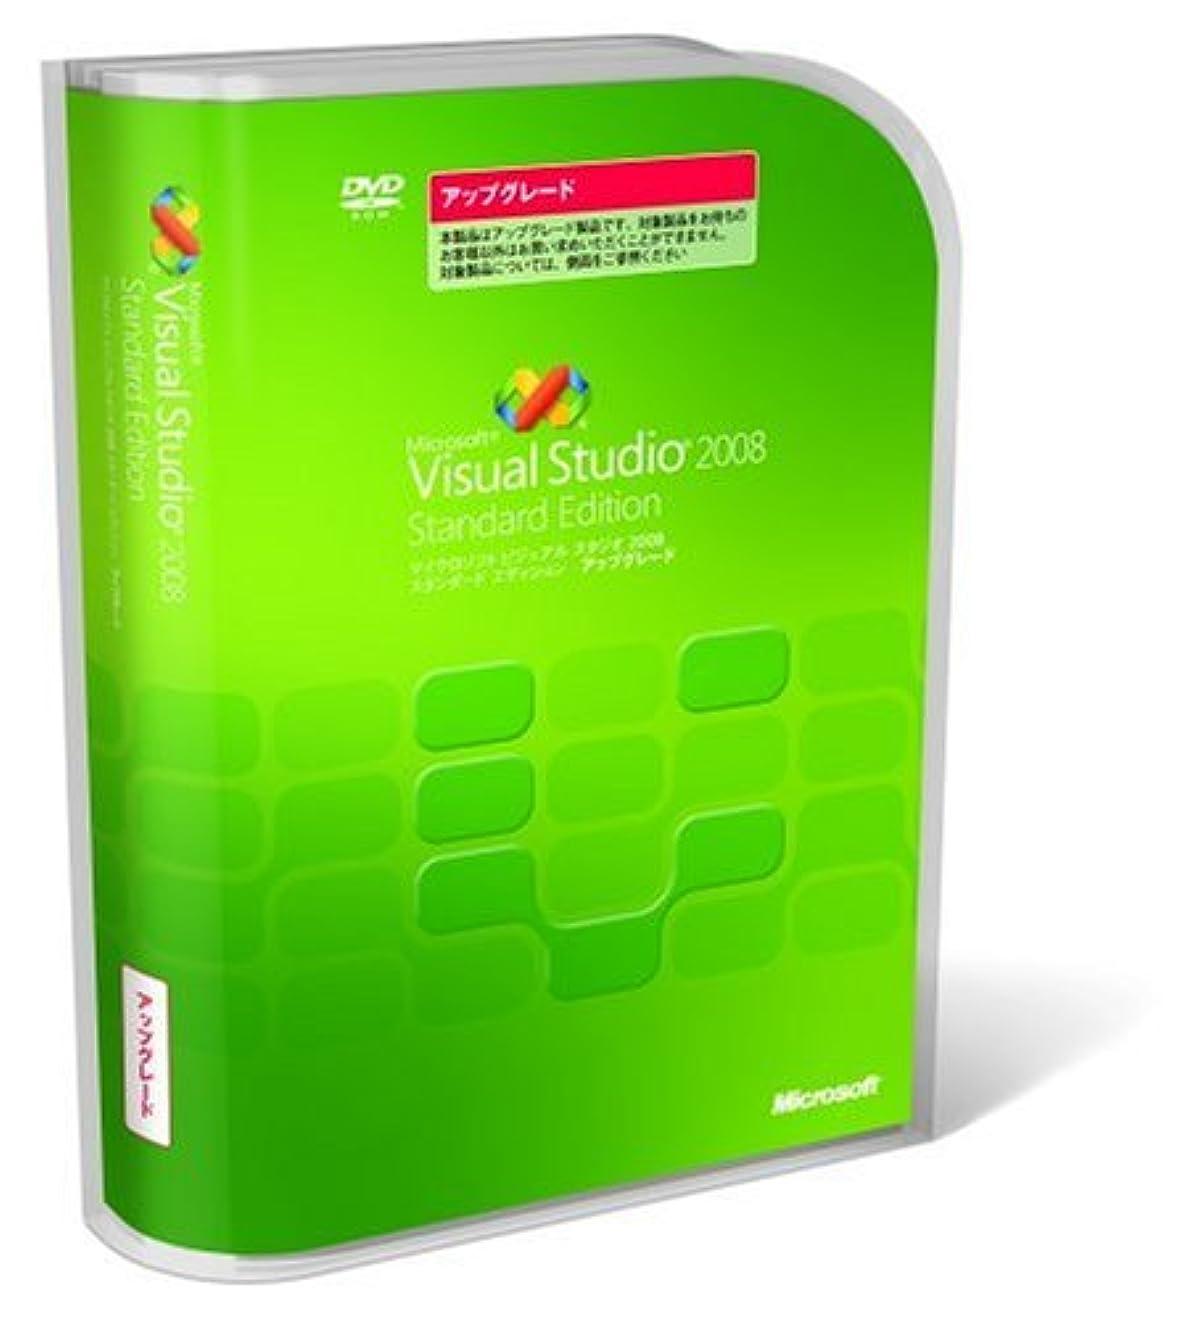 ピック寄り添う樫の木Visual Studio 2008 Standard Edition アップグレード